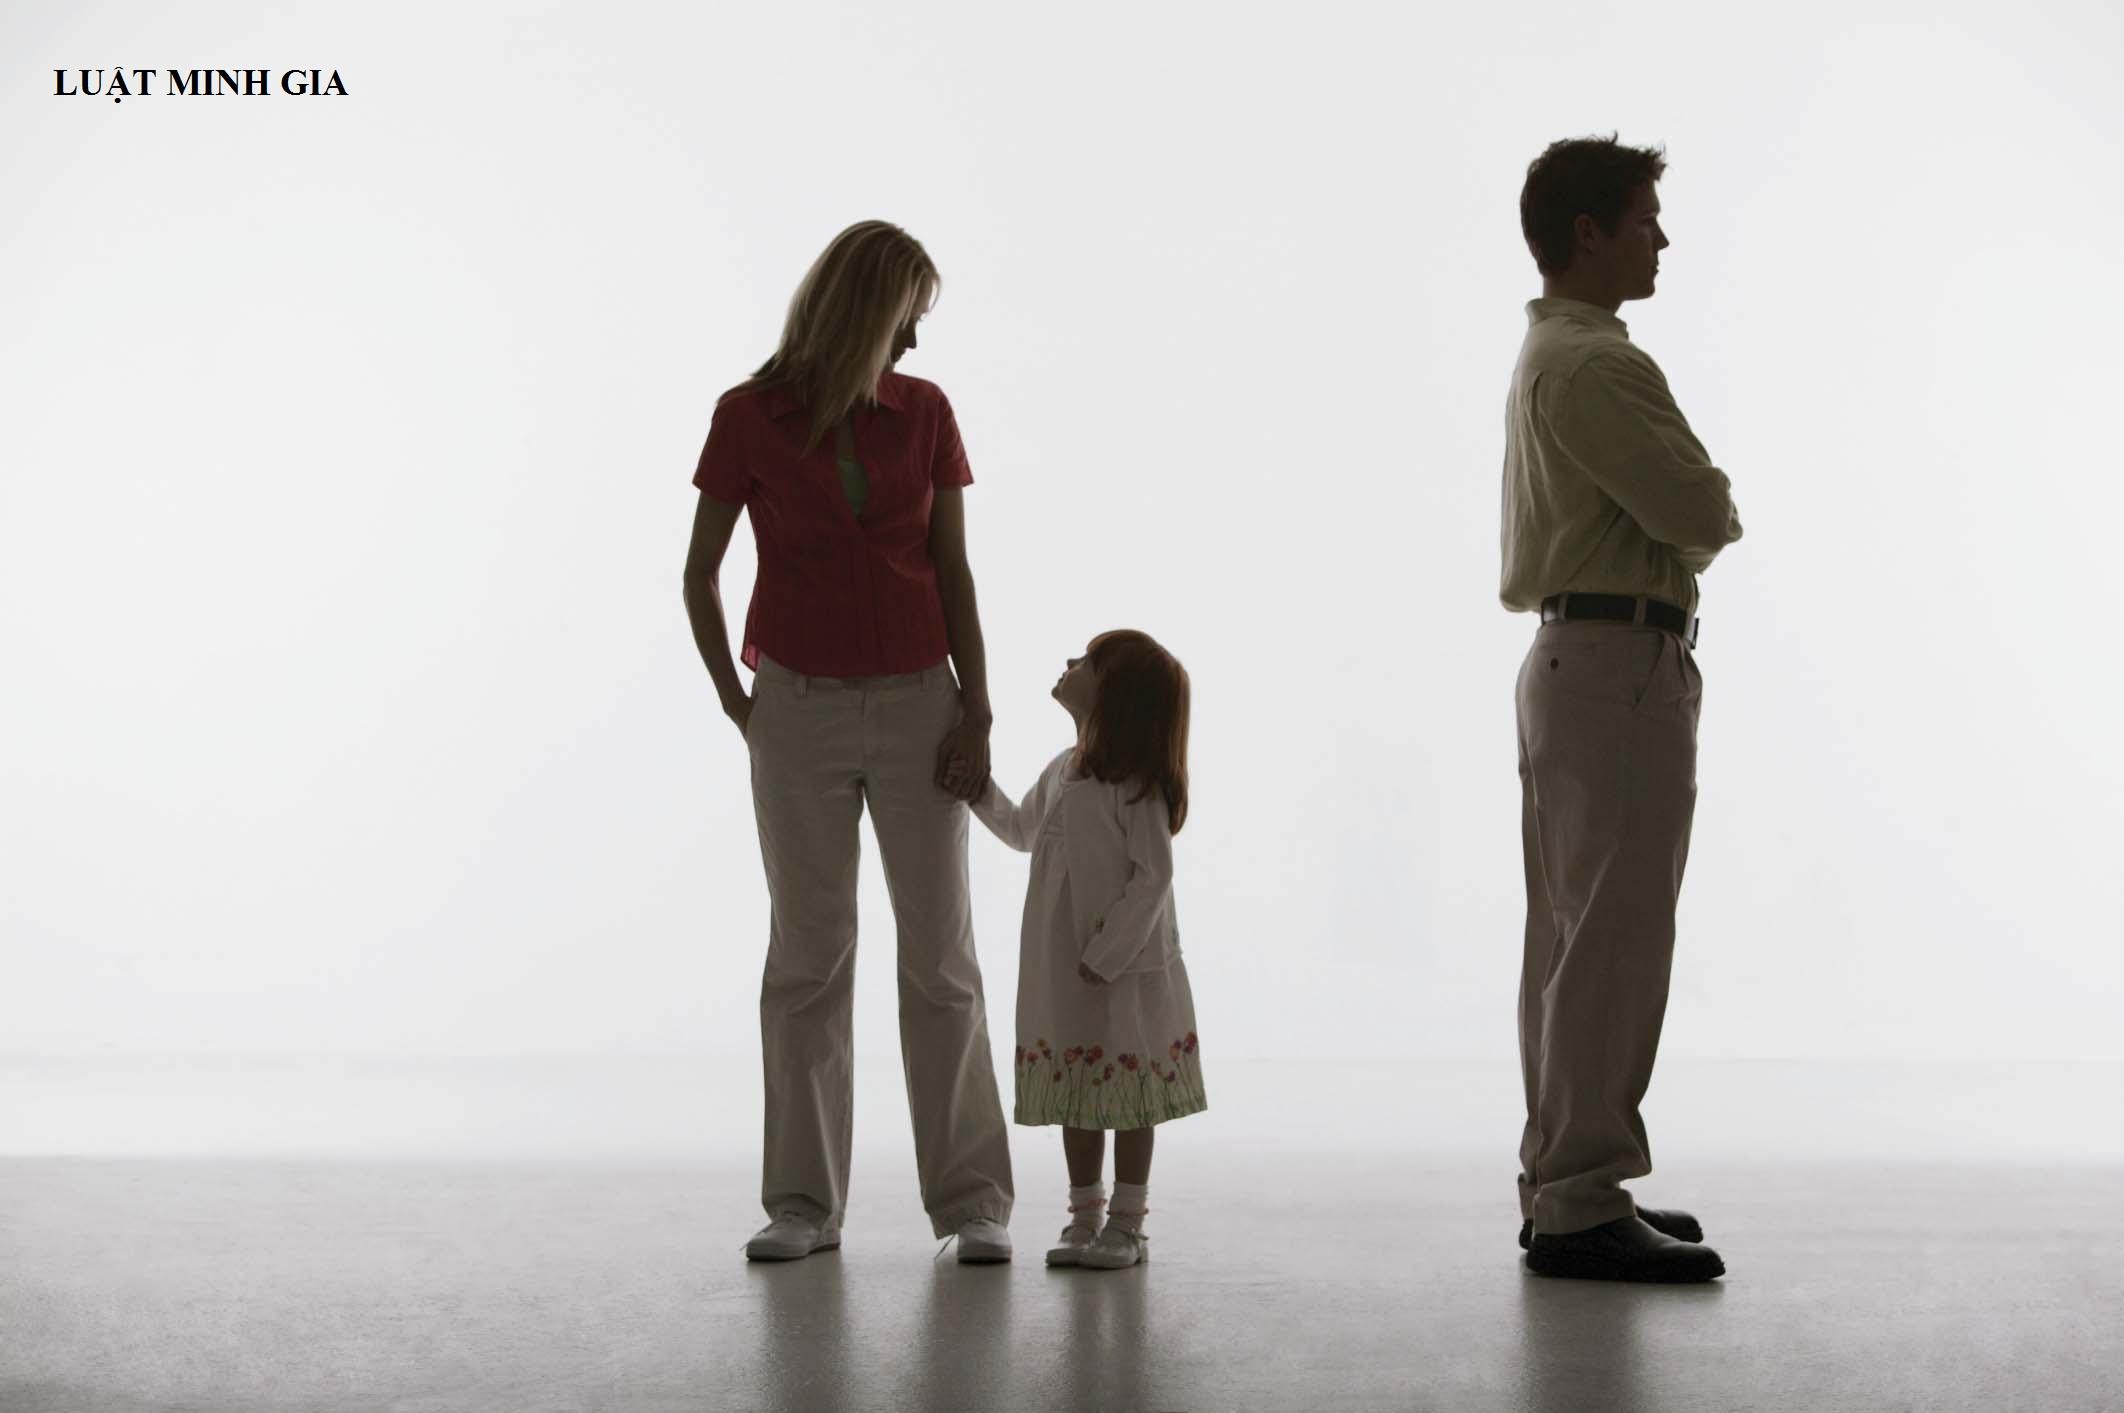 Tư vấn vấn đề giành quyền nuôi con sau khi ly hôn